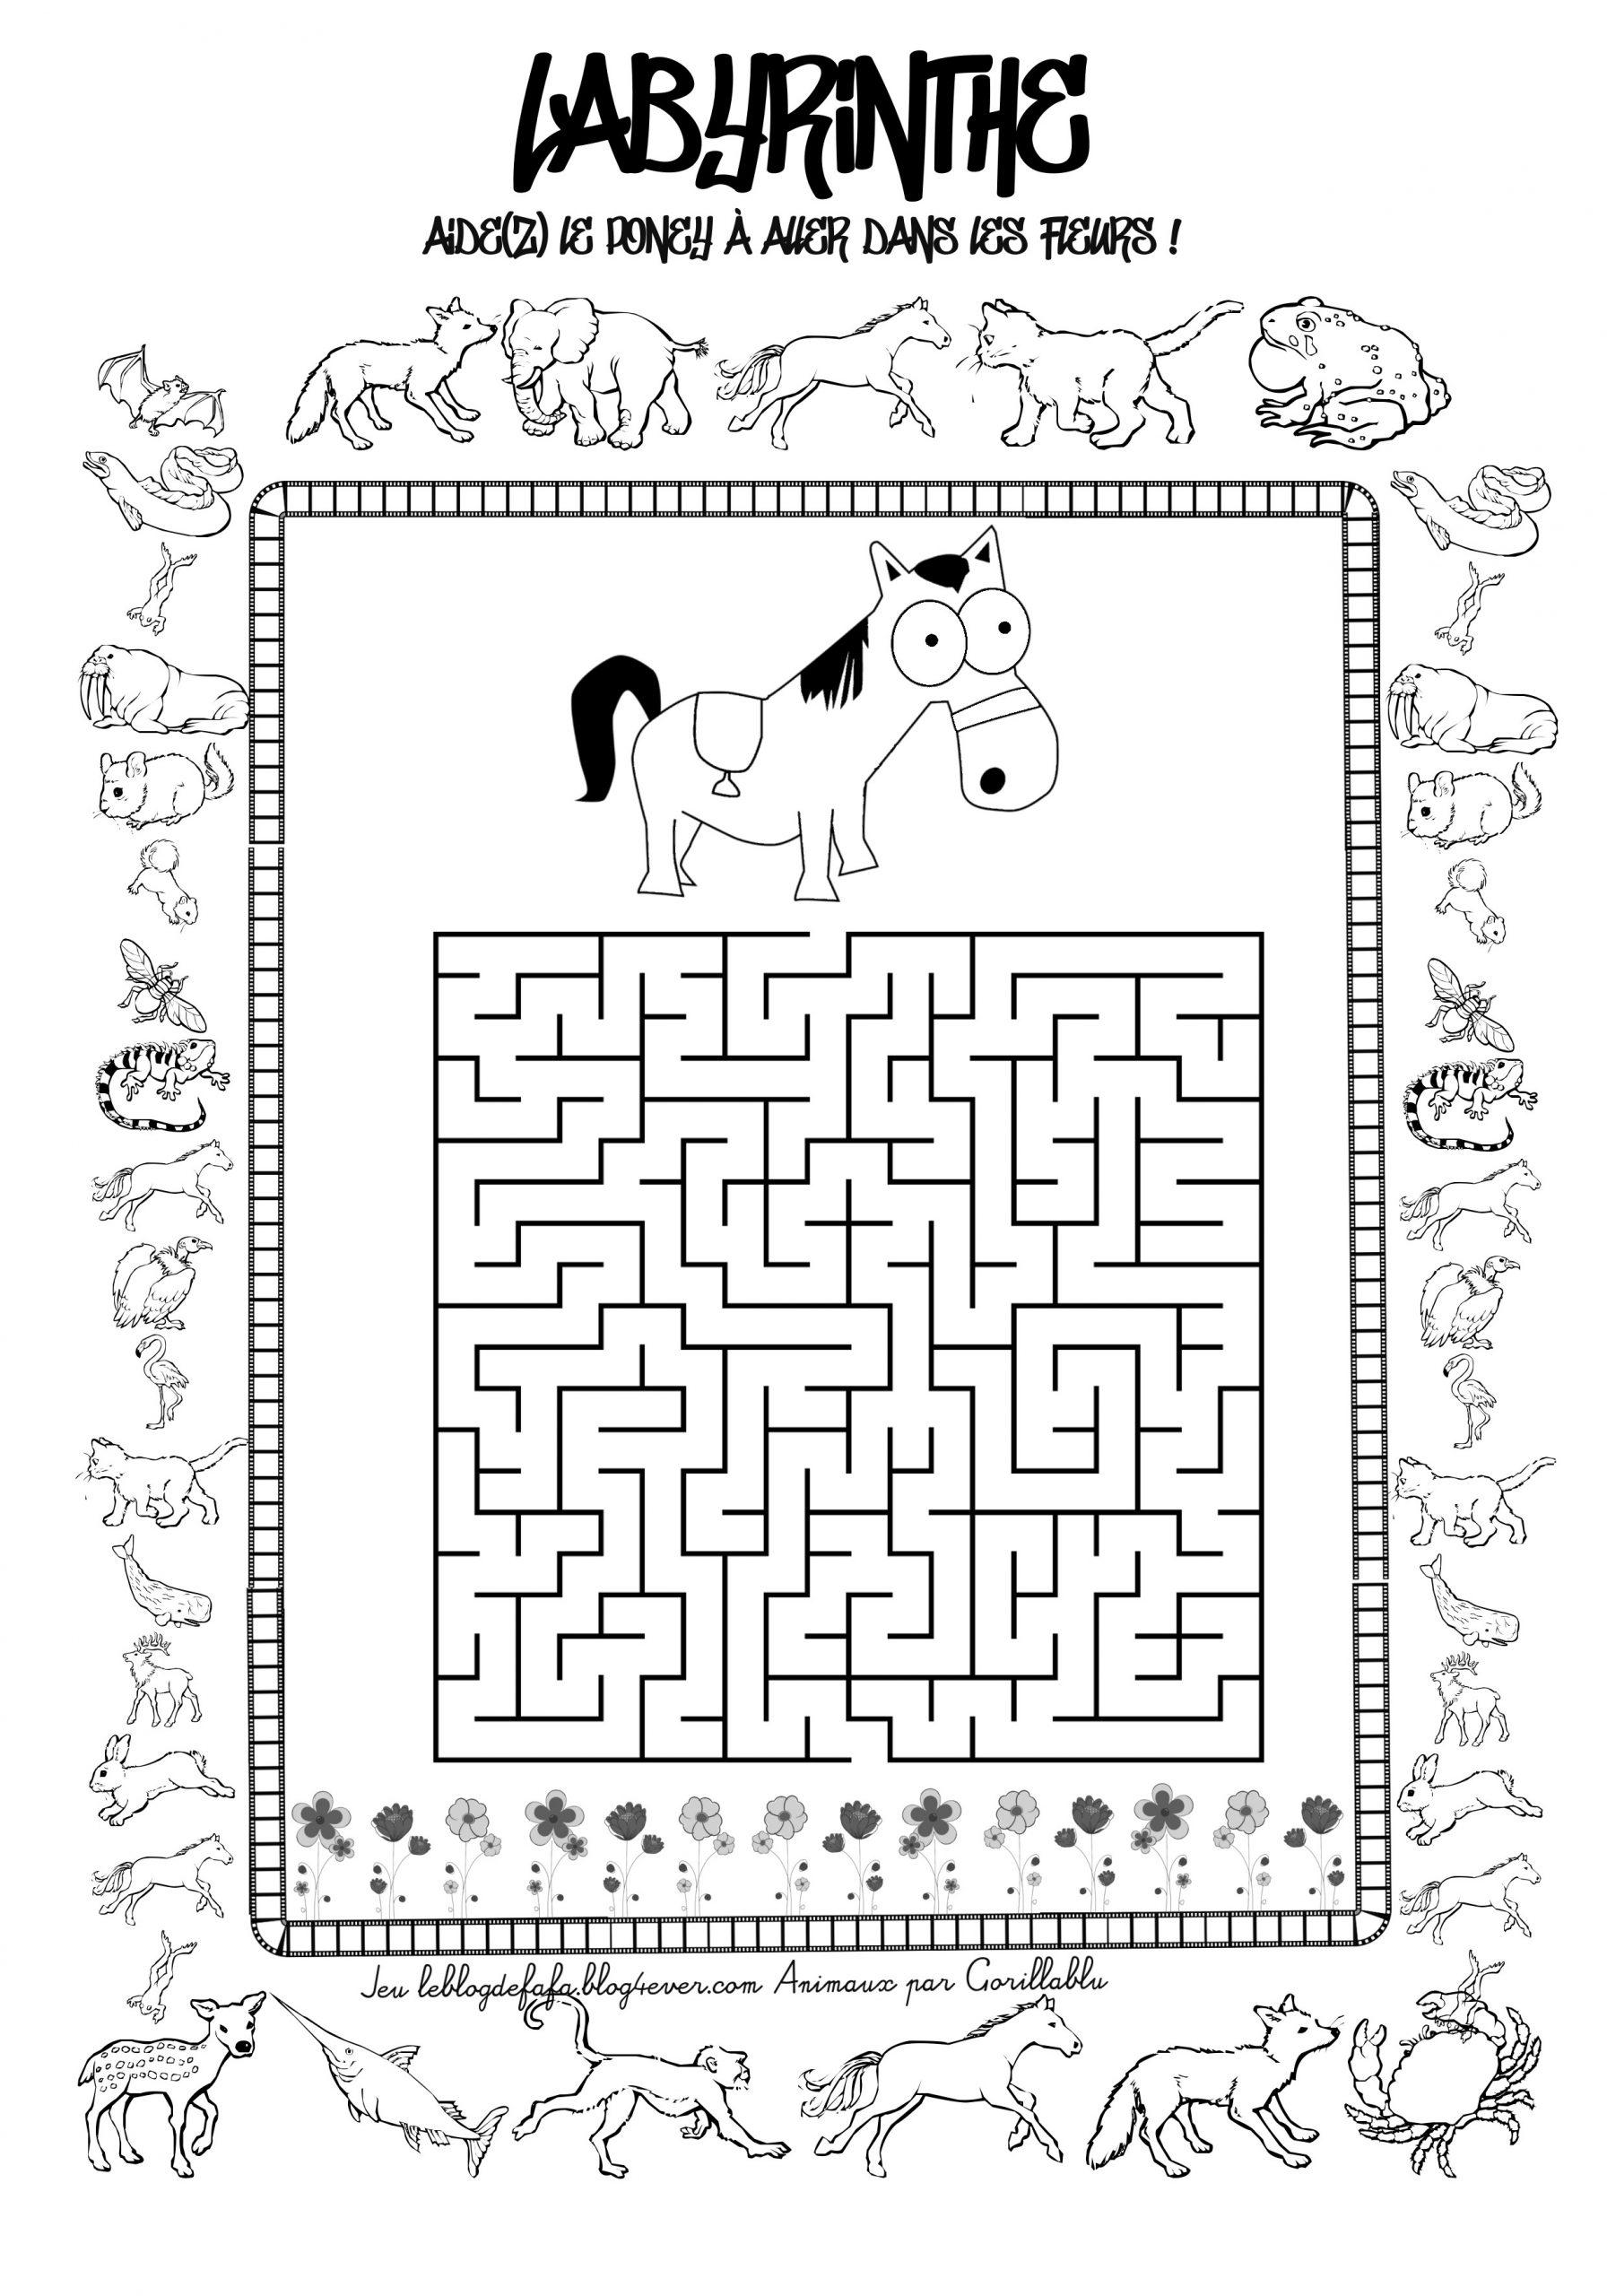 Jeux Chevaux Gratuits À Imprimer : Labyrinthes, Apprendre À à Jeux De Points À Relier